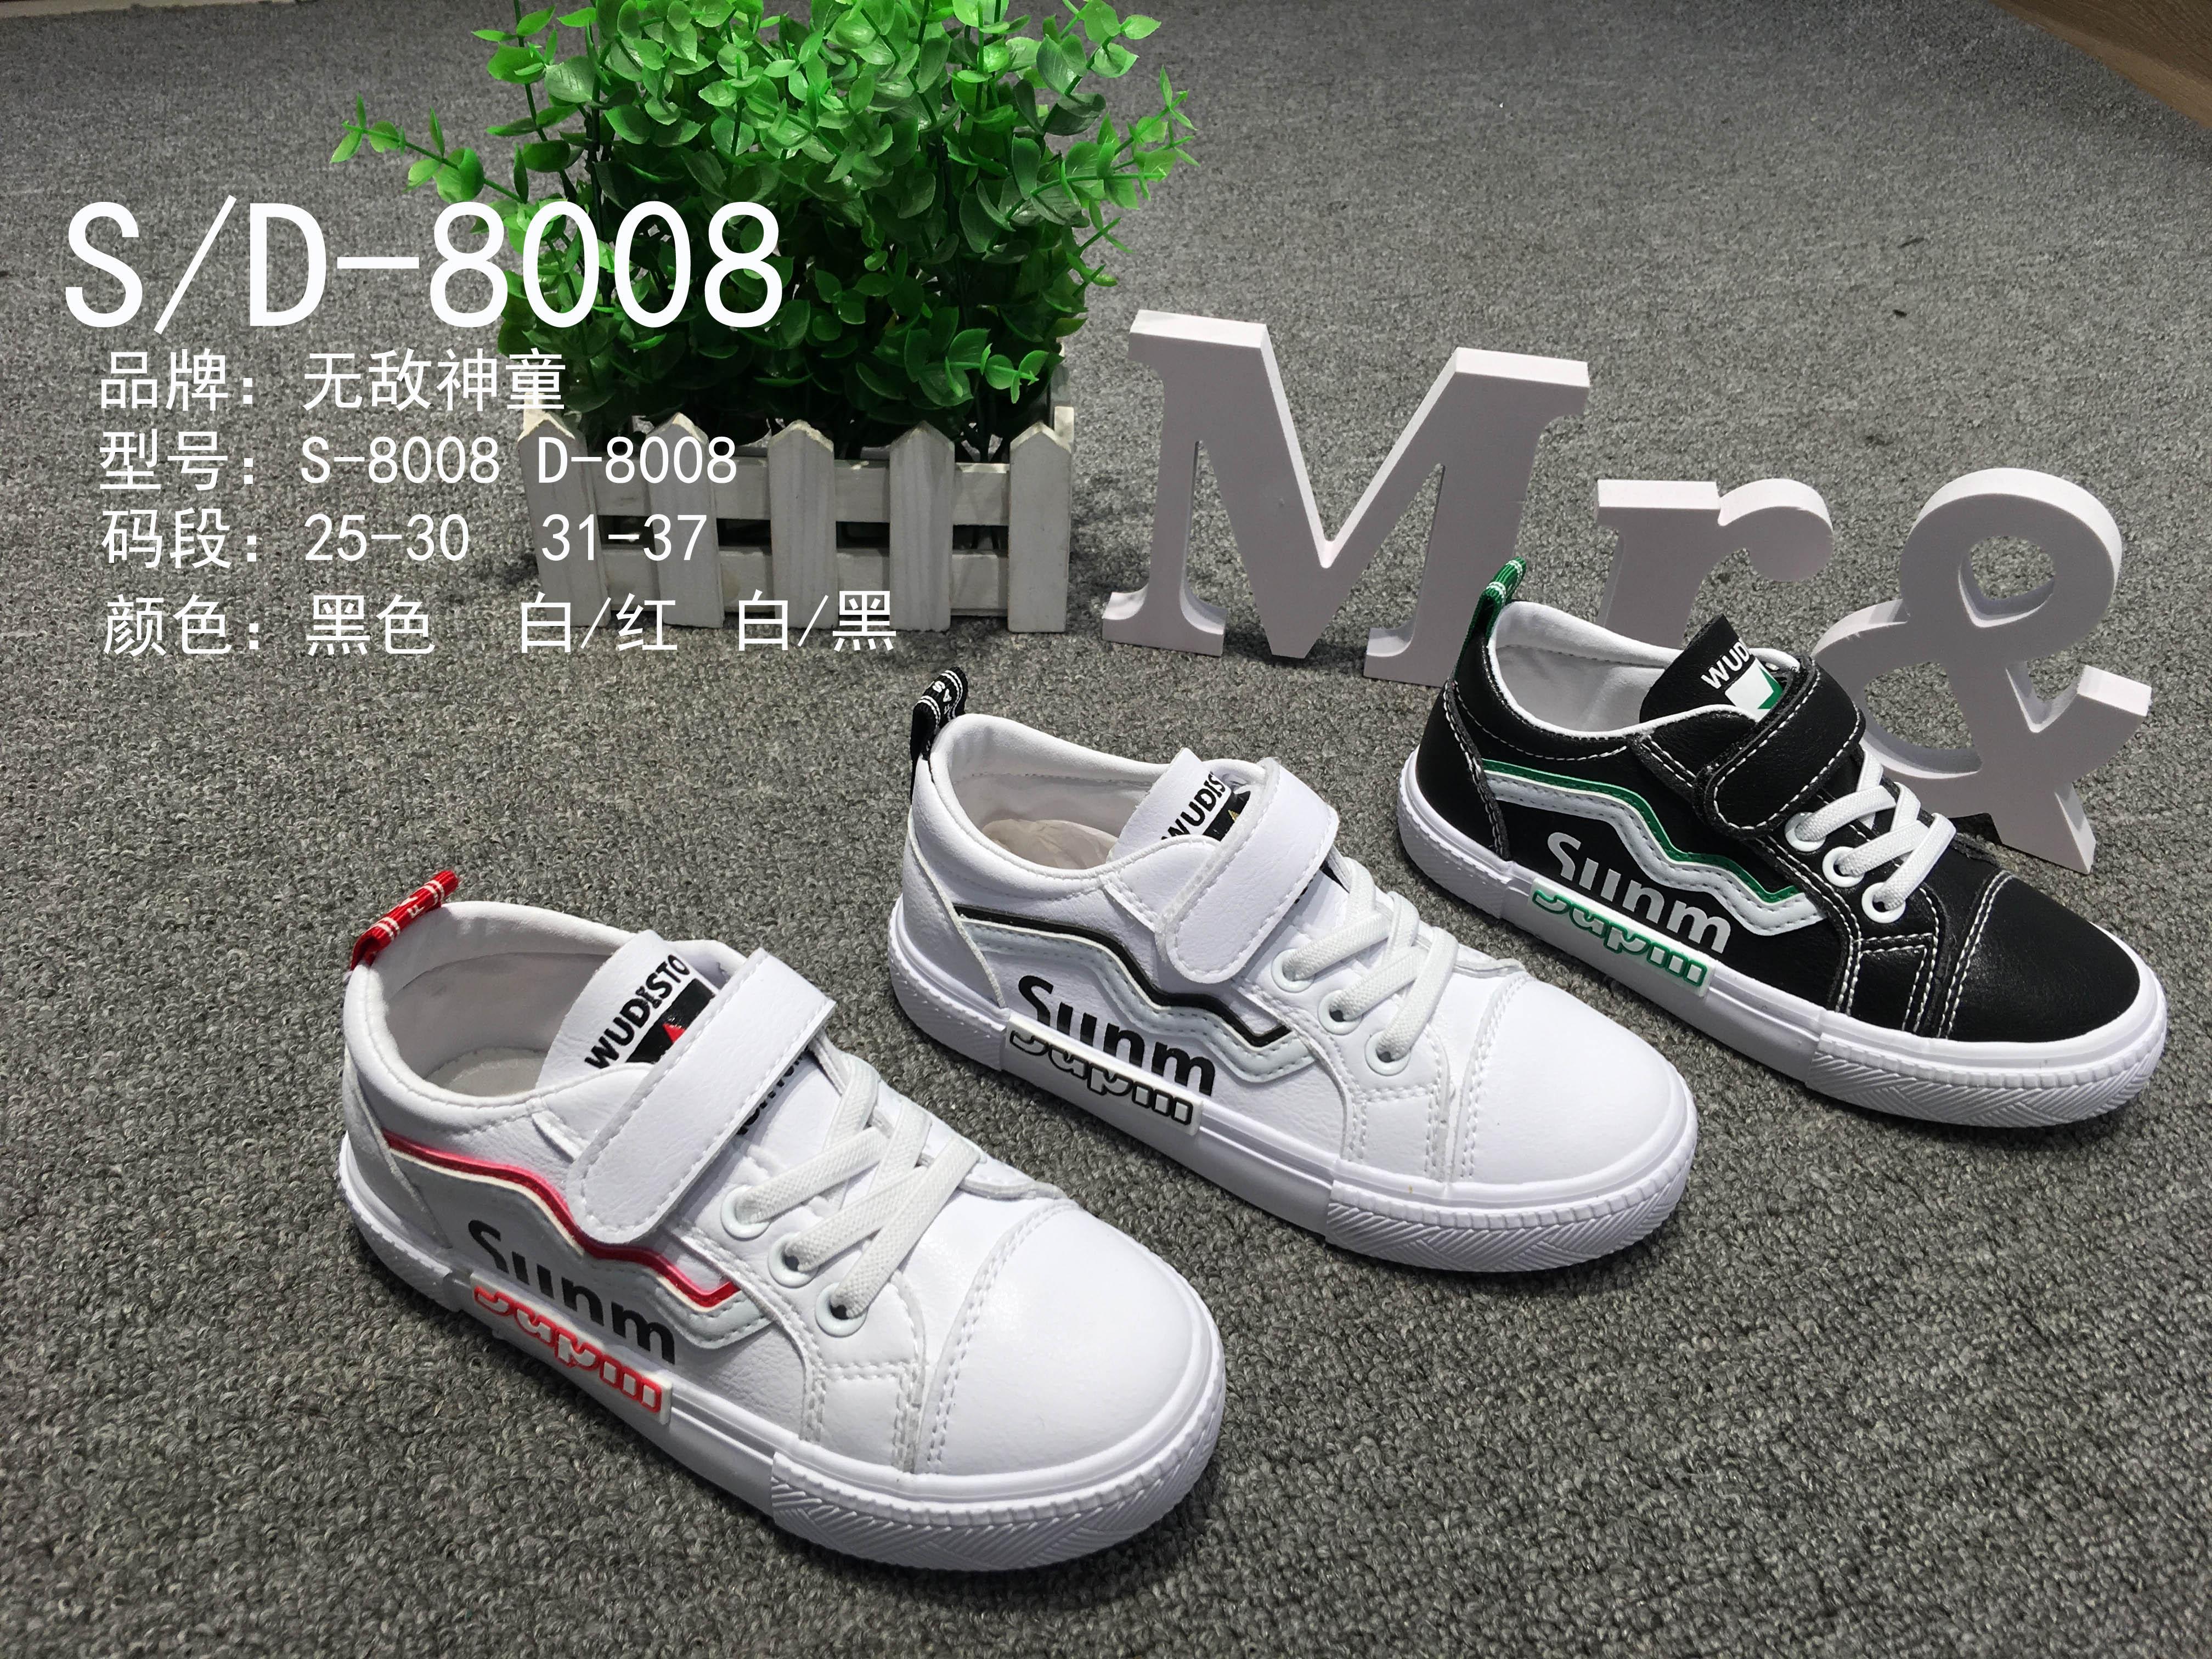 S-D-8008